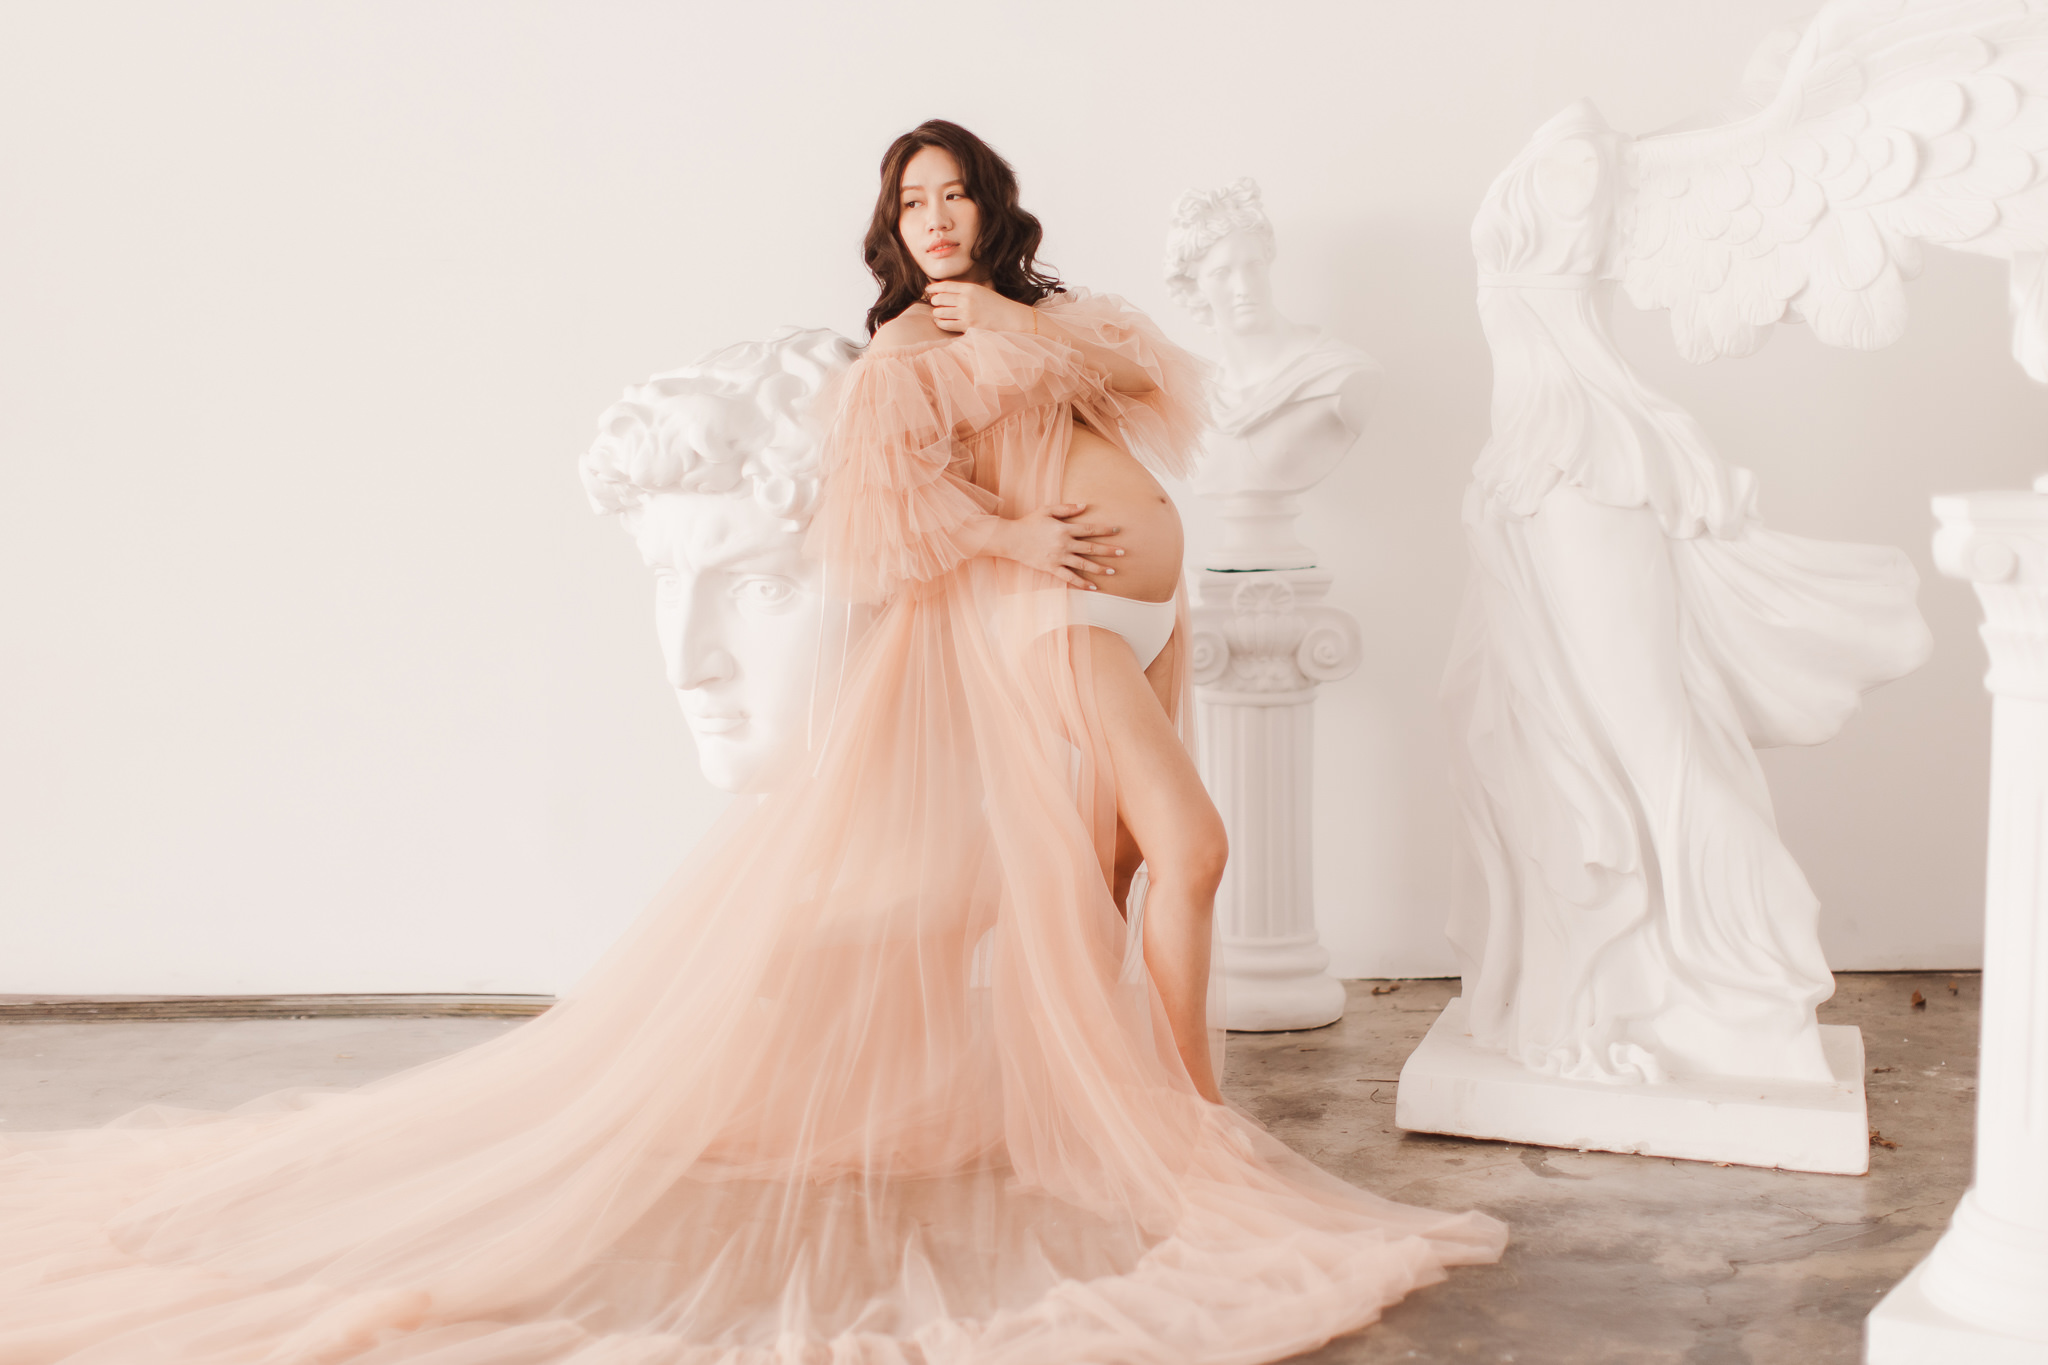 台南孕婦寫真|唯美氣質的高級感孕婦照